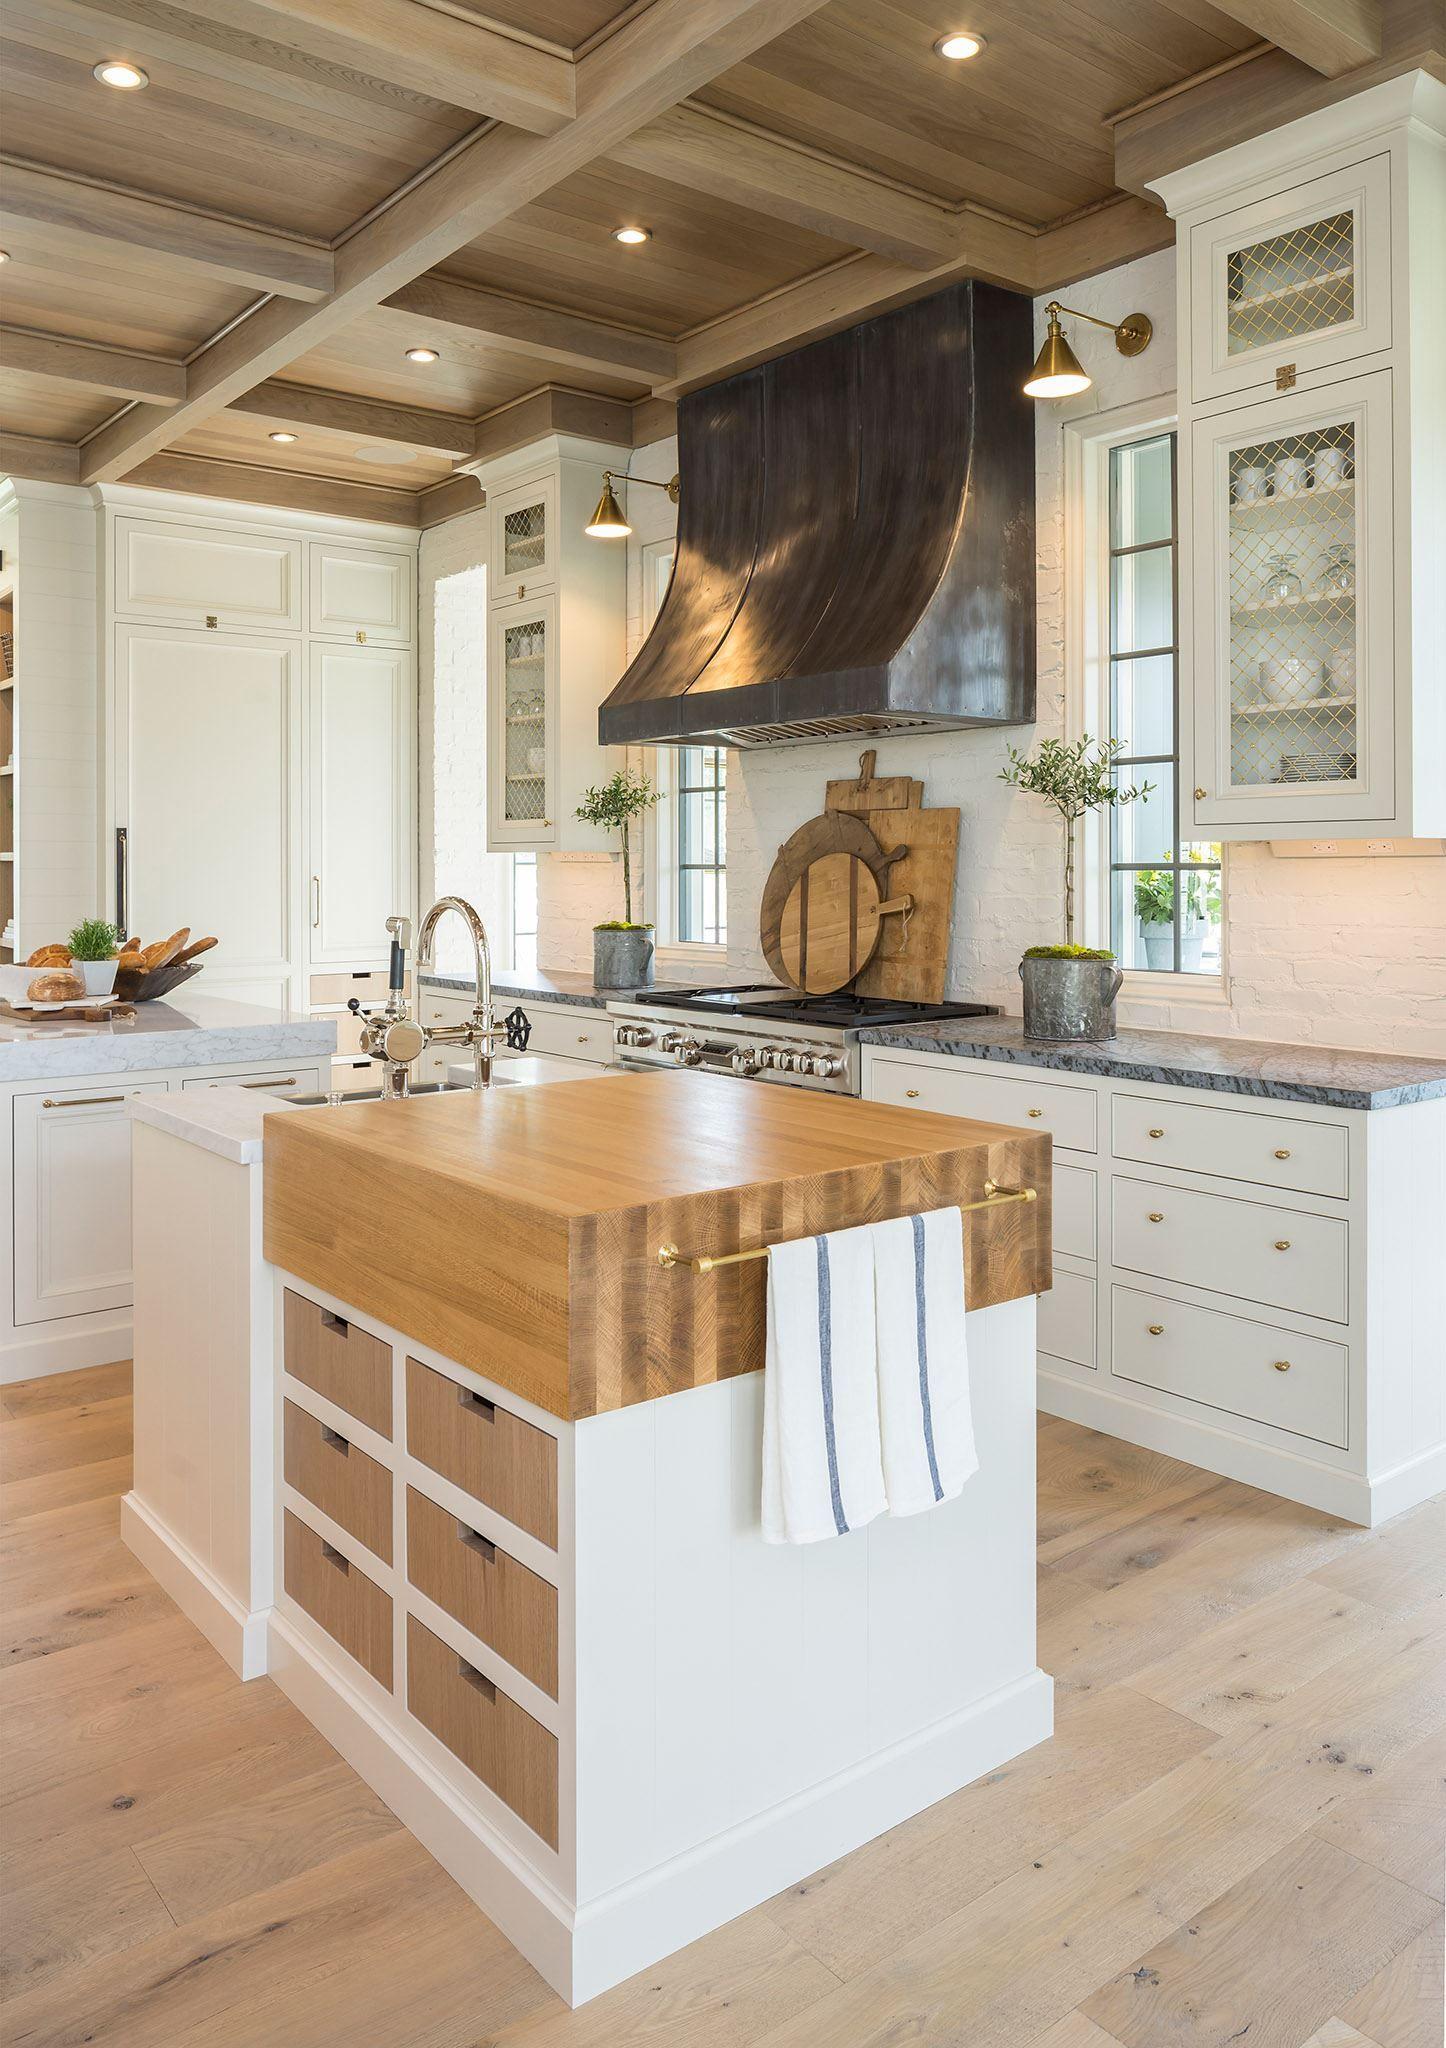 ancient modern kitchen gallery sub zero kitchen interior kitchen design home kitchens on l kitchen interior modern id=71858